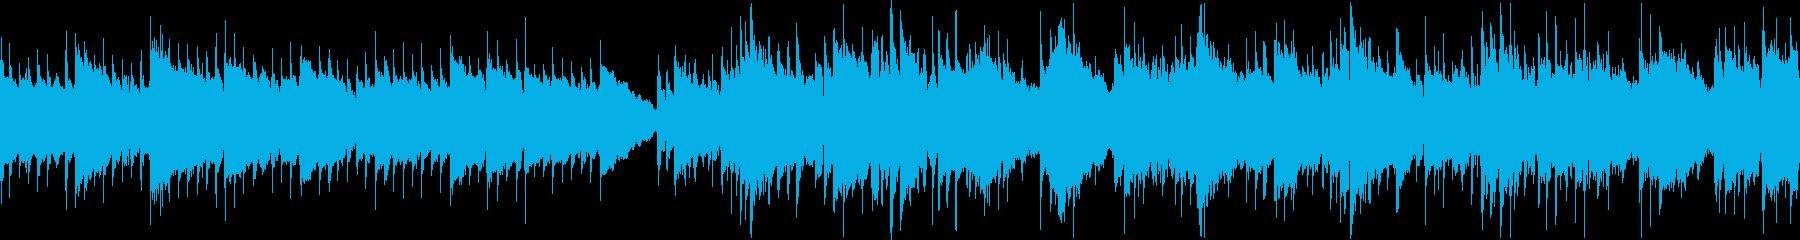 生アコギメロが綺麗で暖かく切ないバラードの再生済みの波形